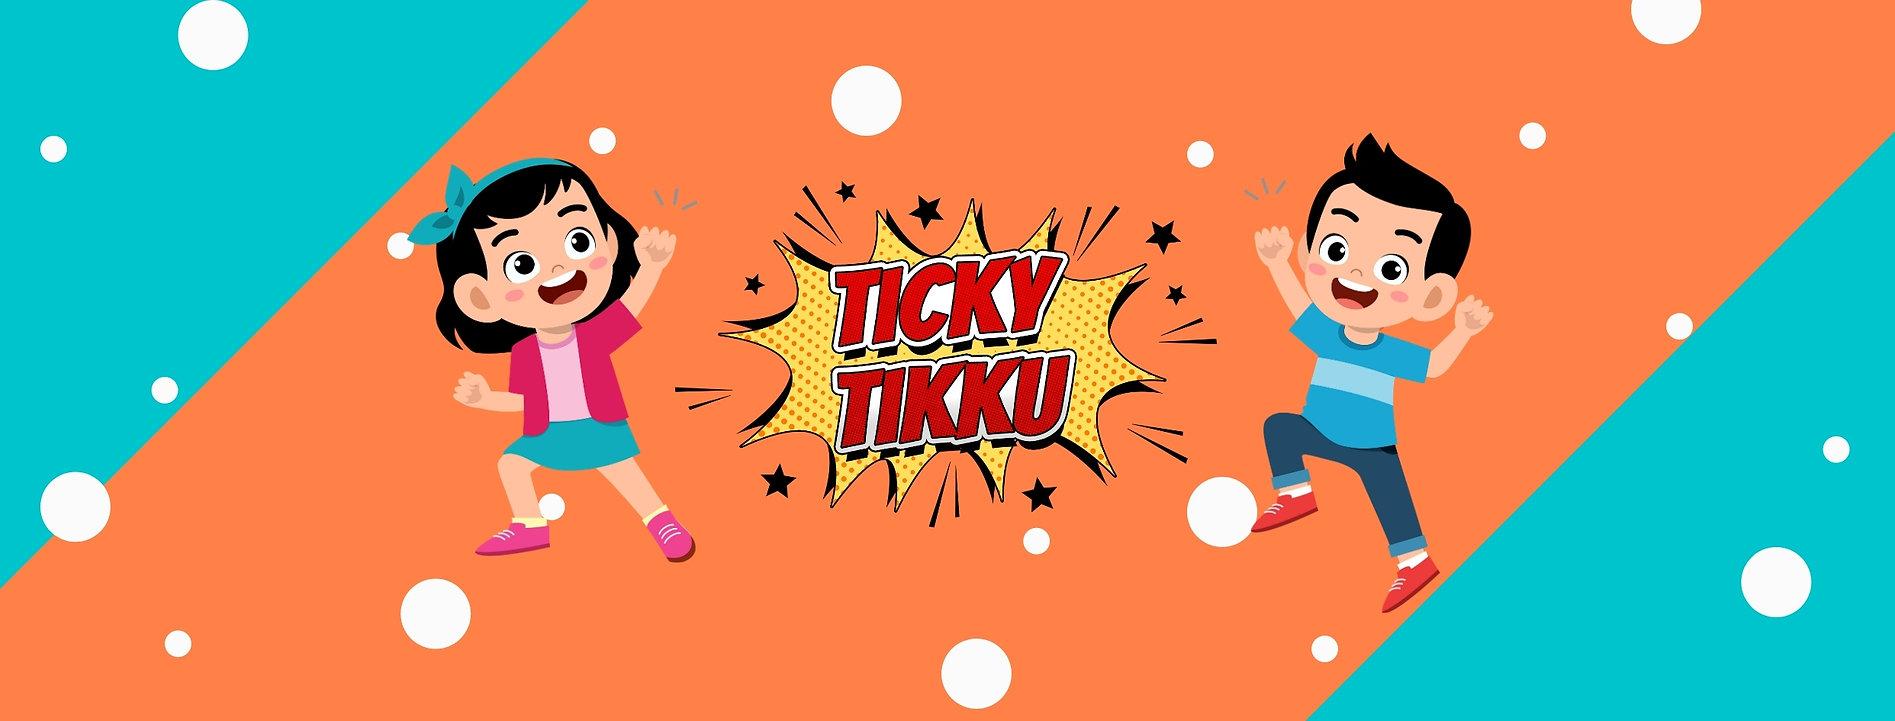 Ticky Tikku Social Media Cover (1).jpg